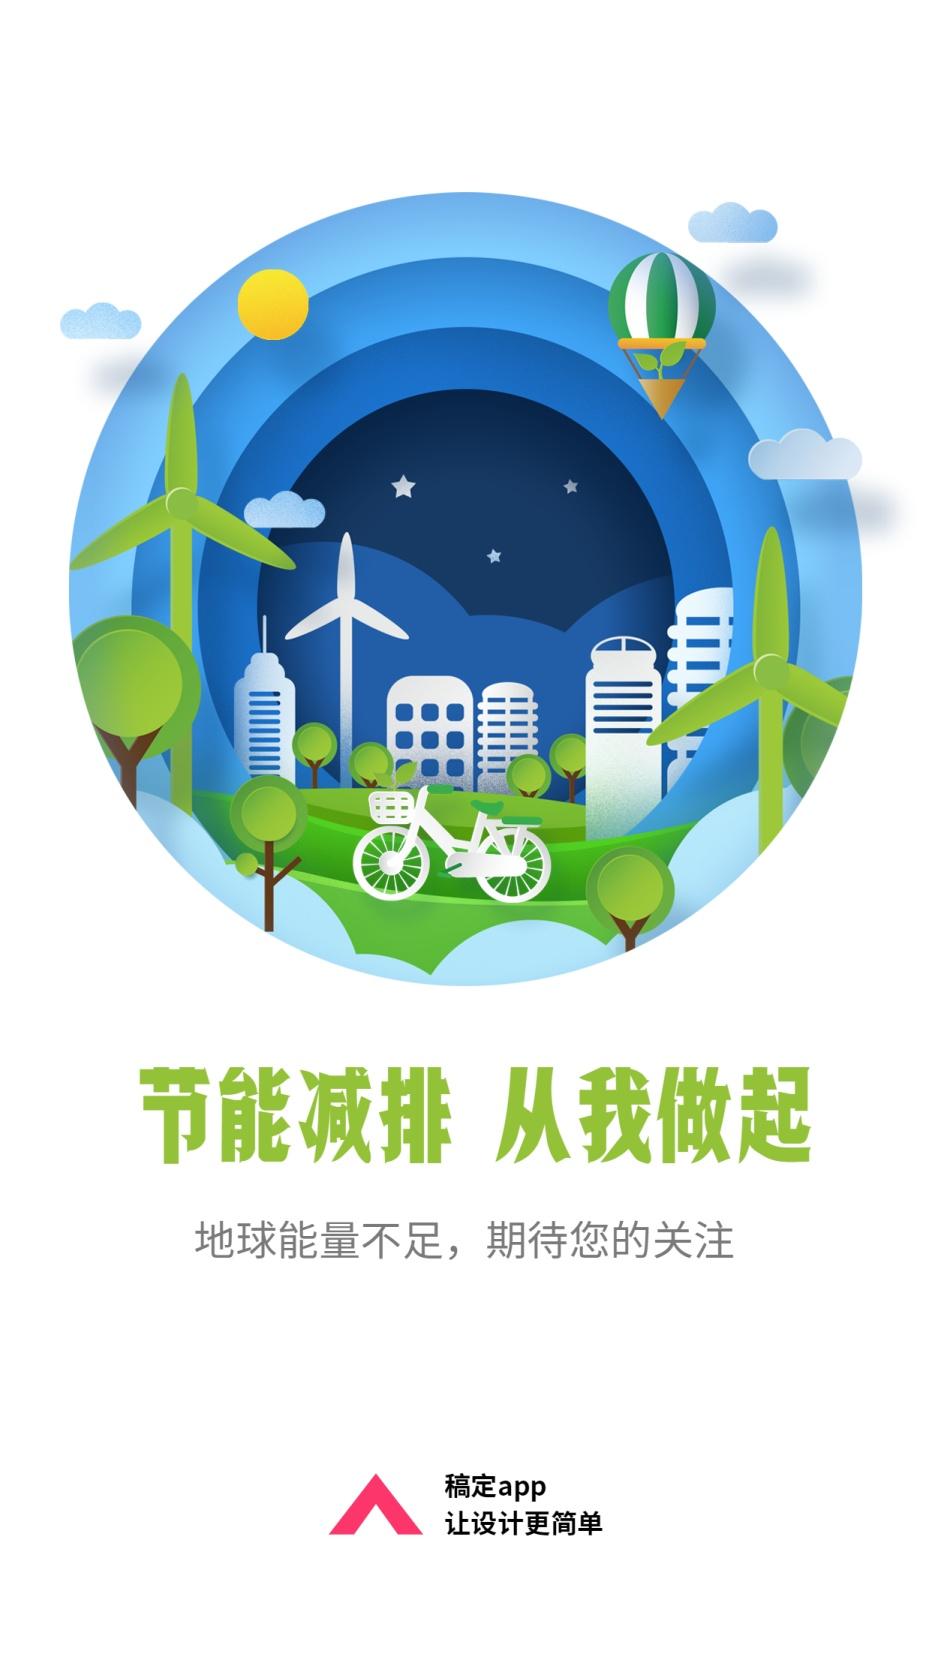 节能减排保护环境比赛手机海报